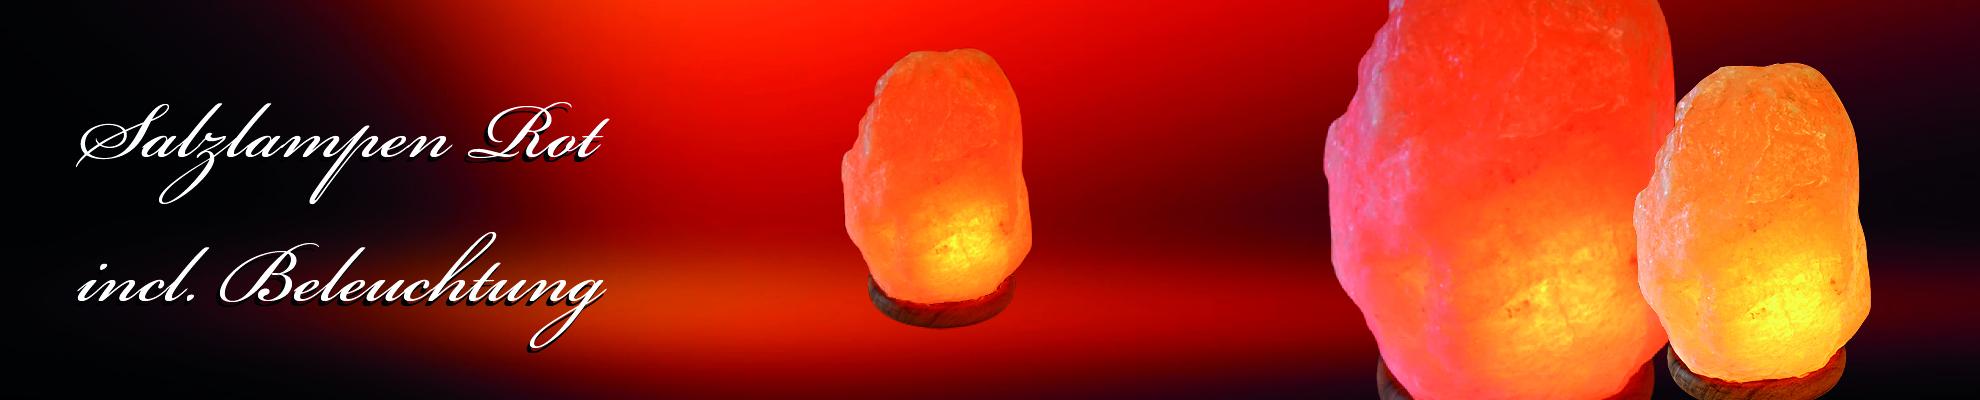 Kategorie Banner Salzlampen Rot